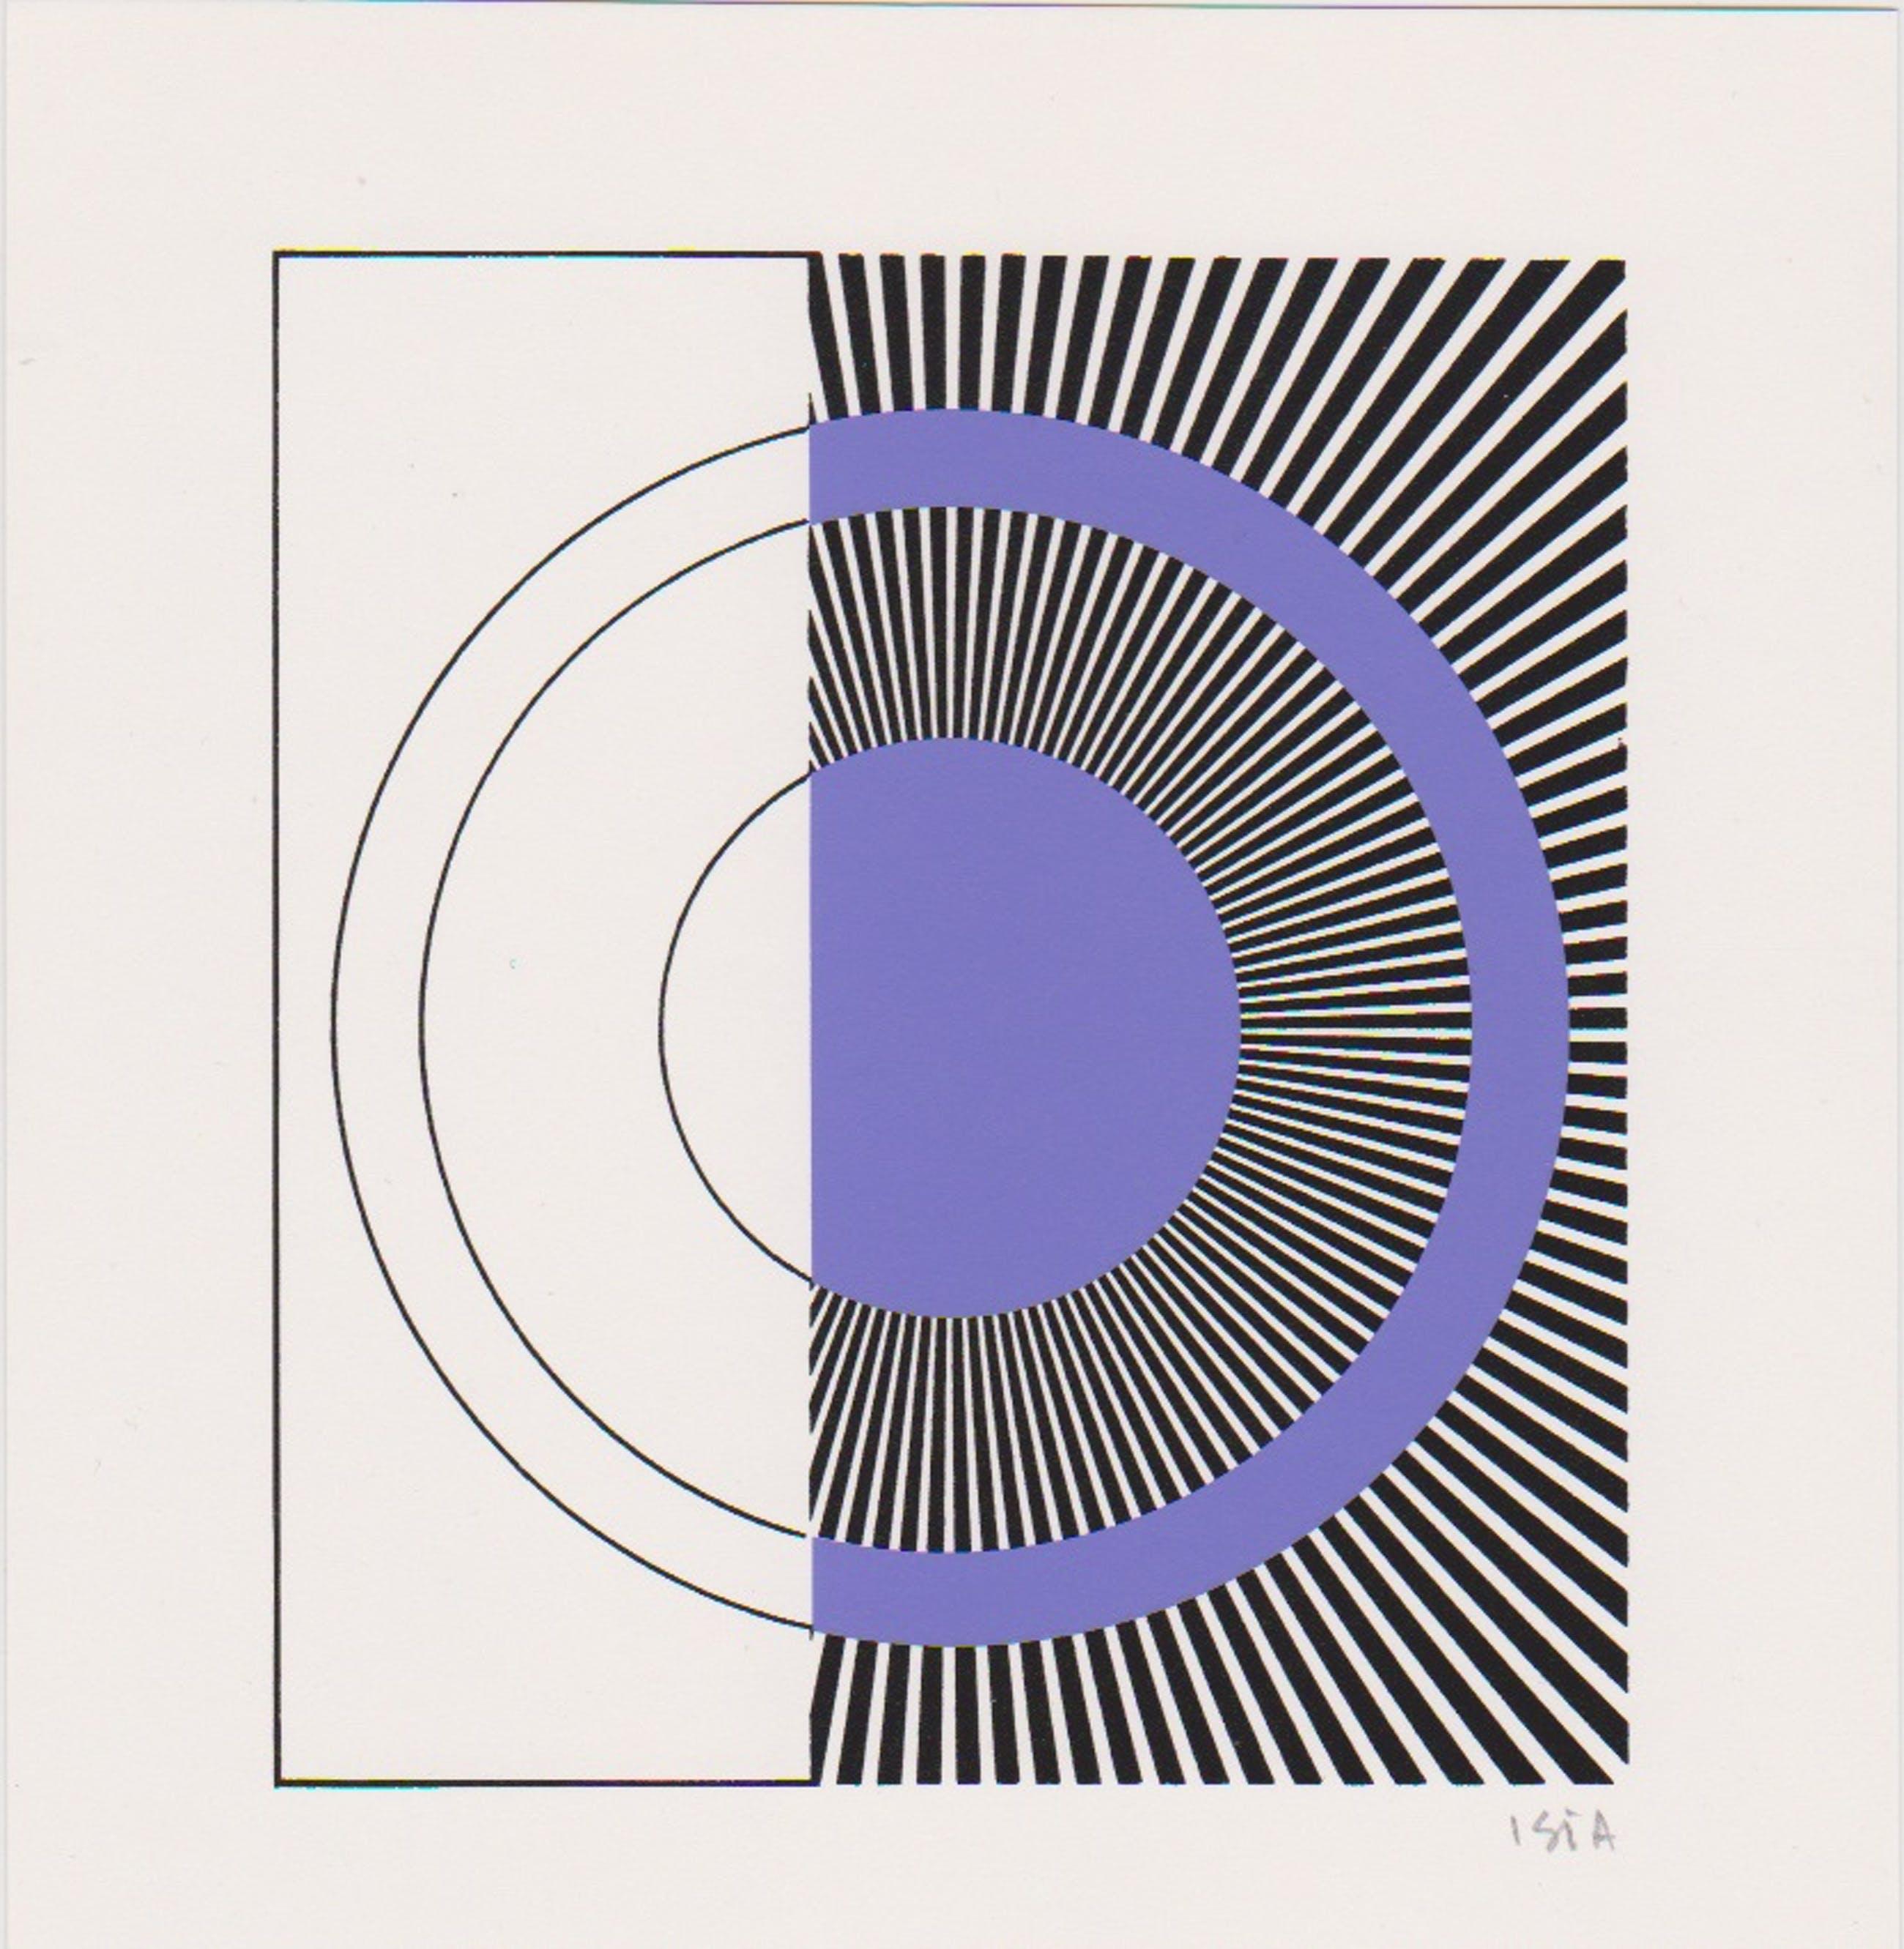 Willem F. Wagner - e.a: Drie handgesigneerde zeefdrukken: Geometrische Composities I, II, III kopen? Bied vanaf 19!